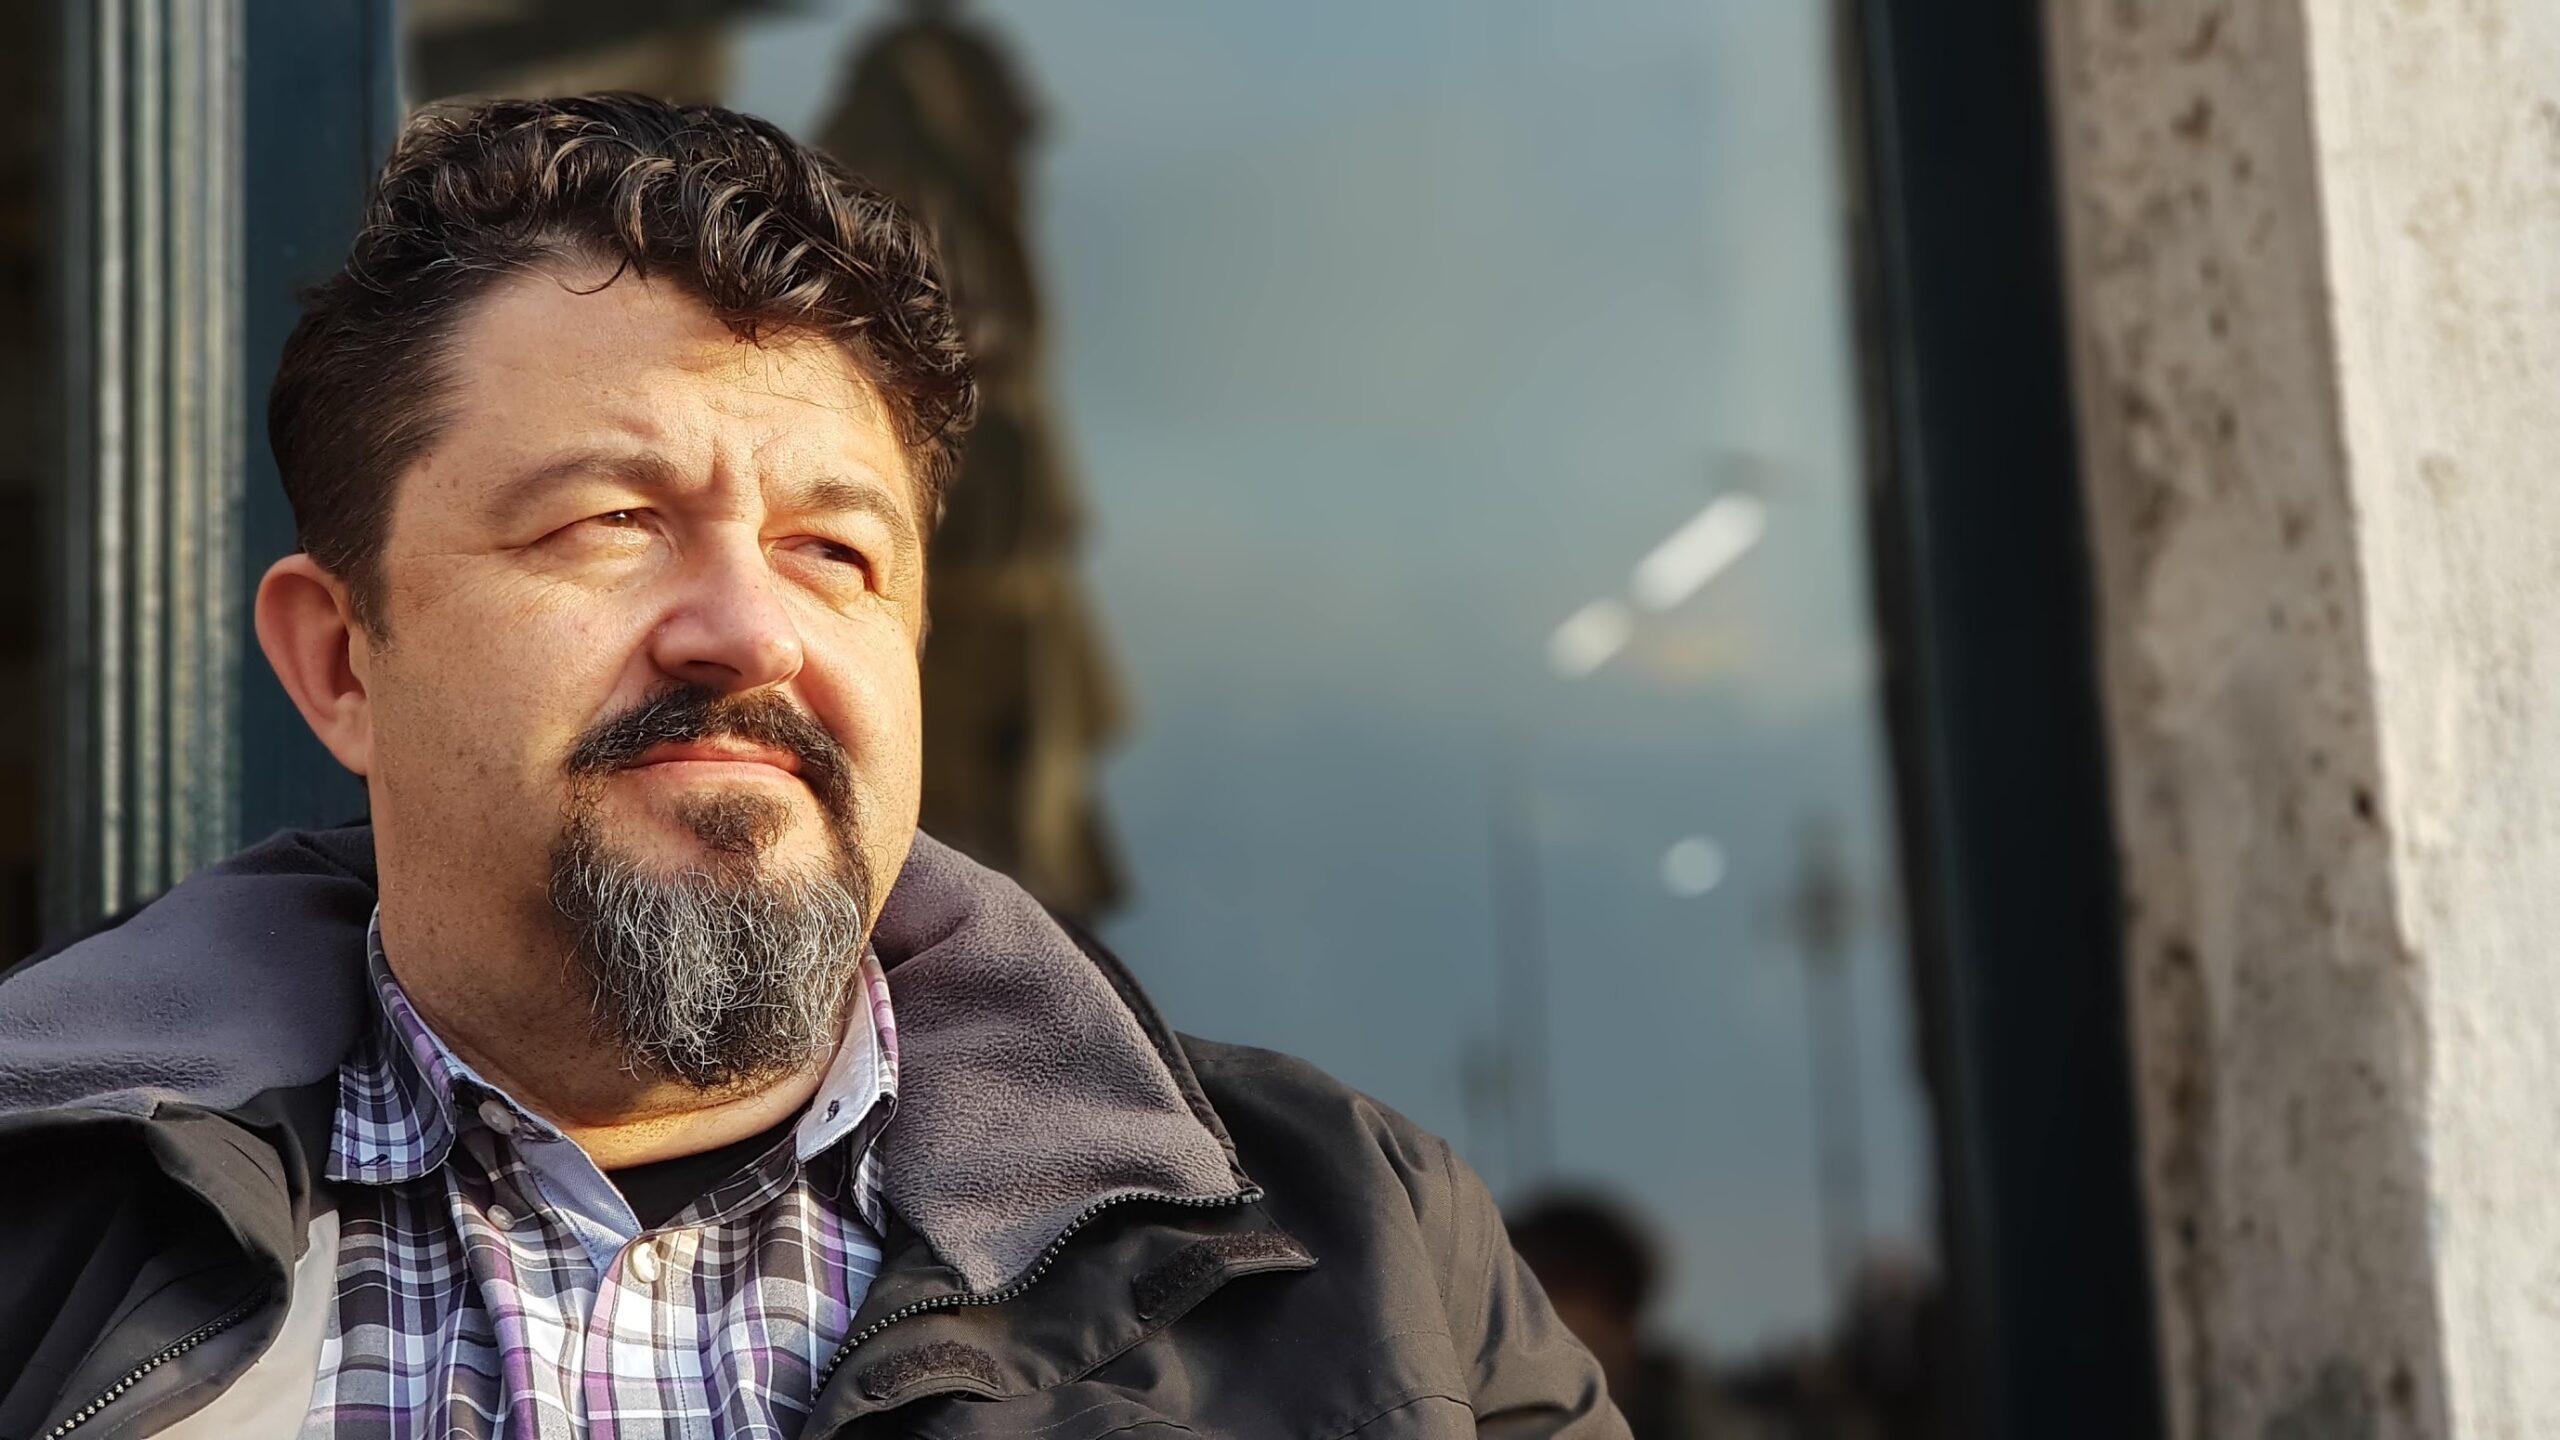 Goran Mrvoš